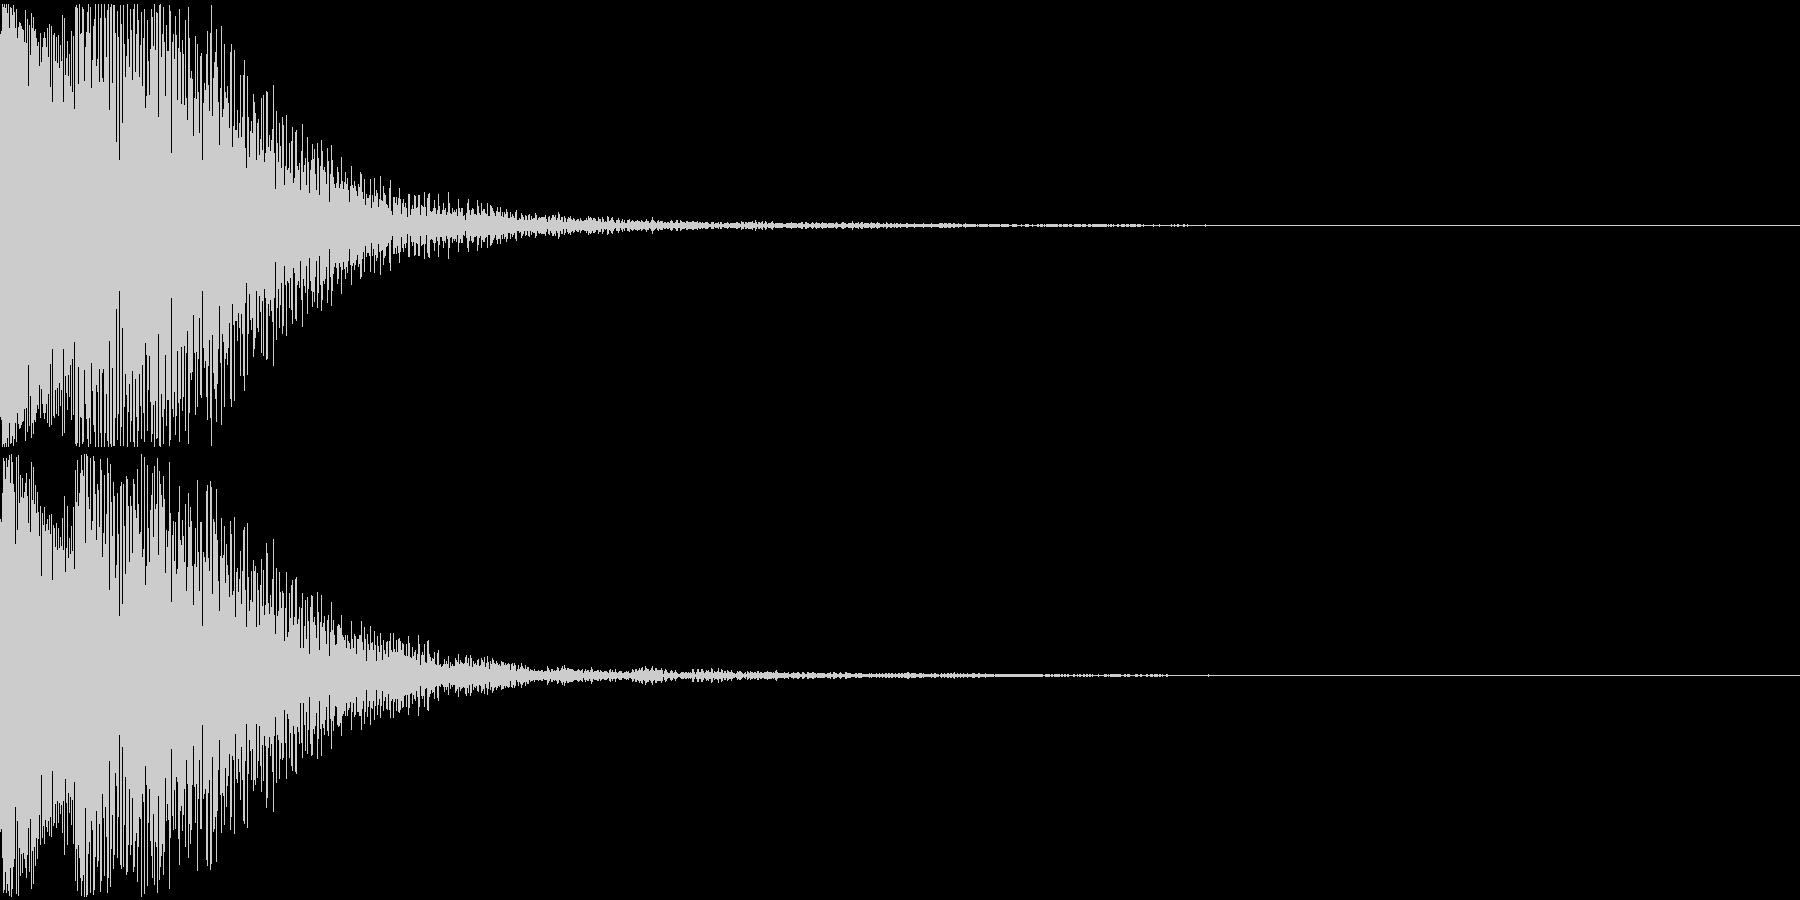 キャンセル音02(テロリッ)の未再生の波形